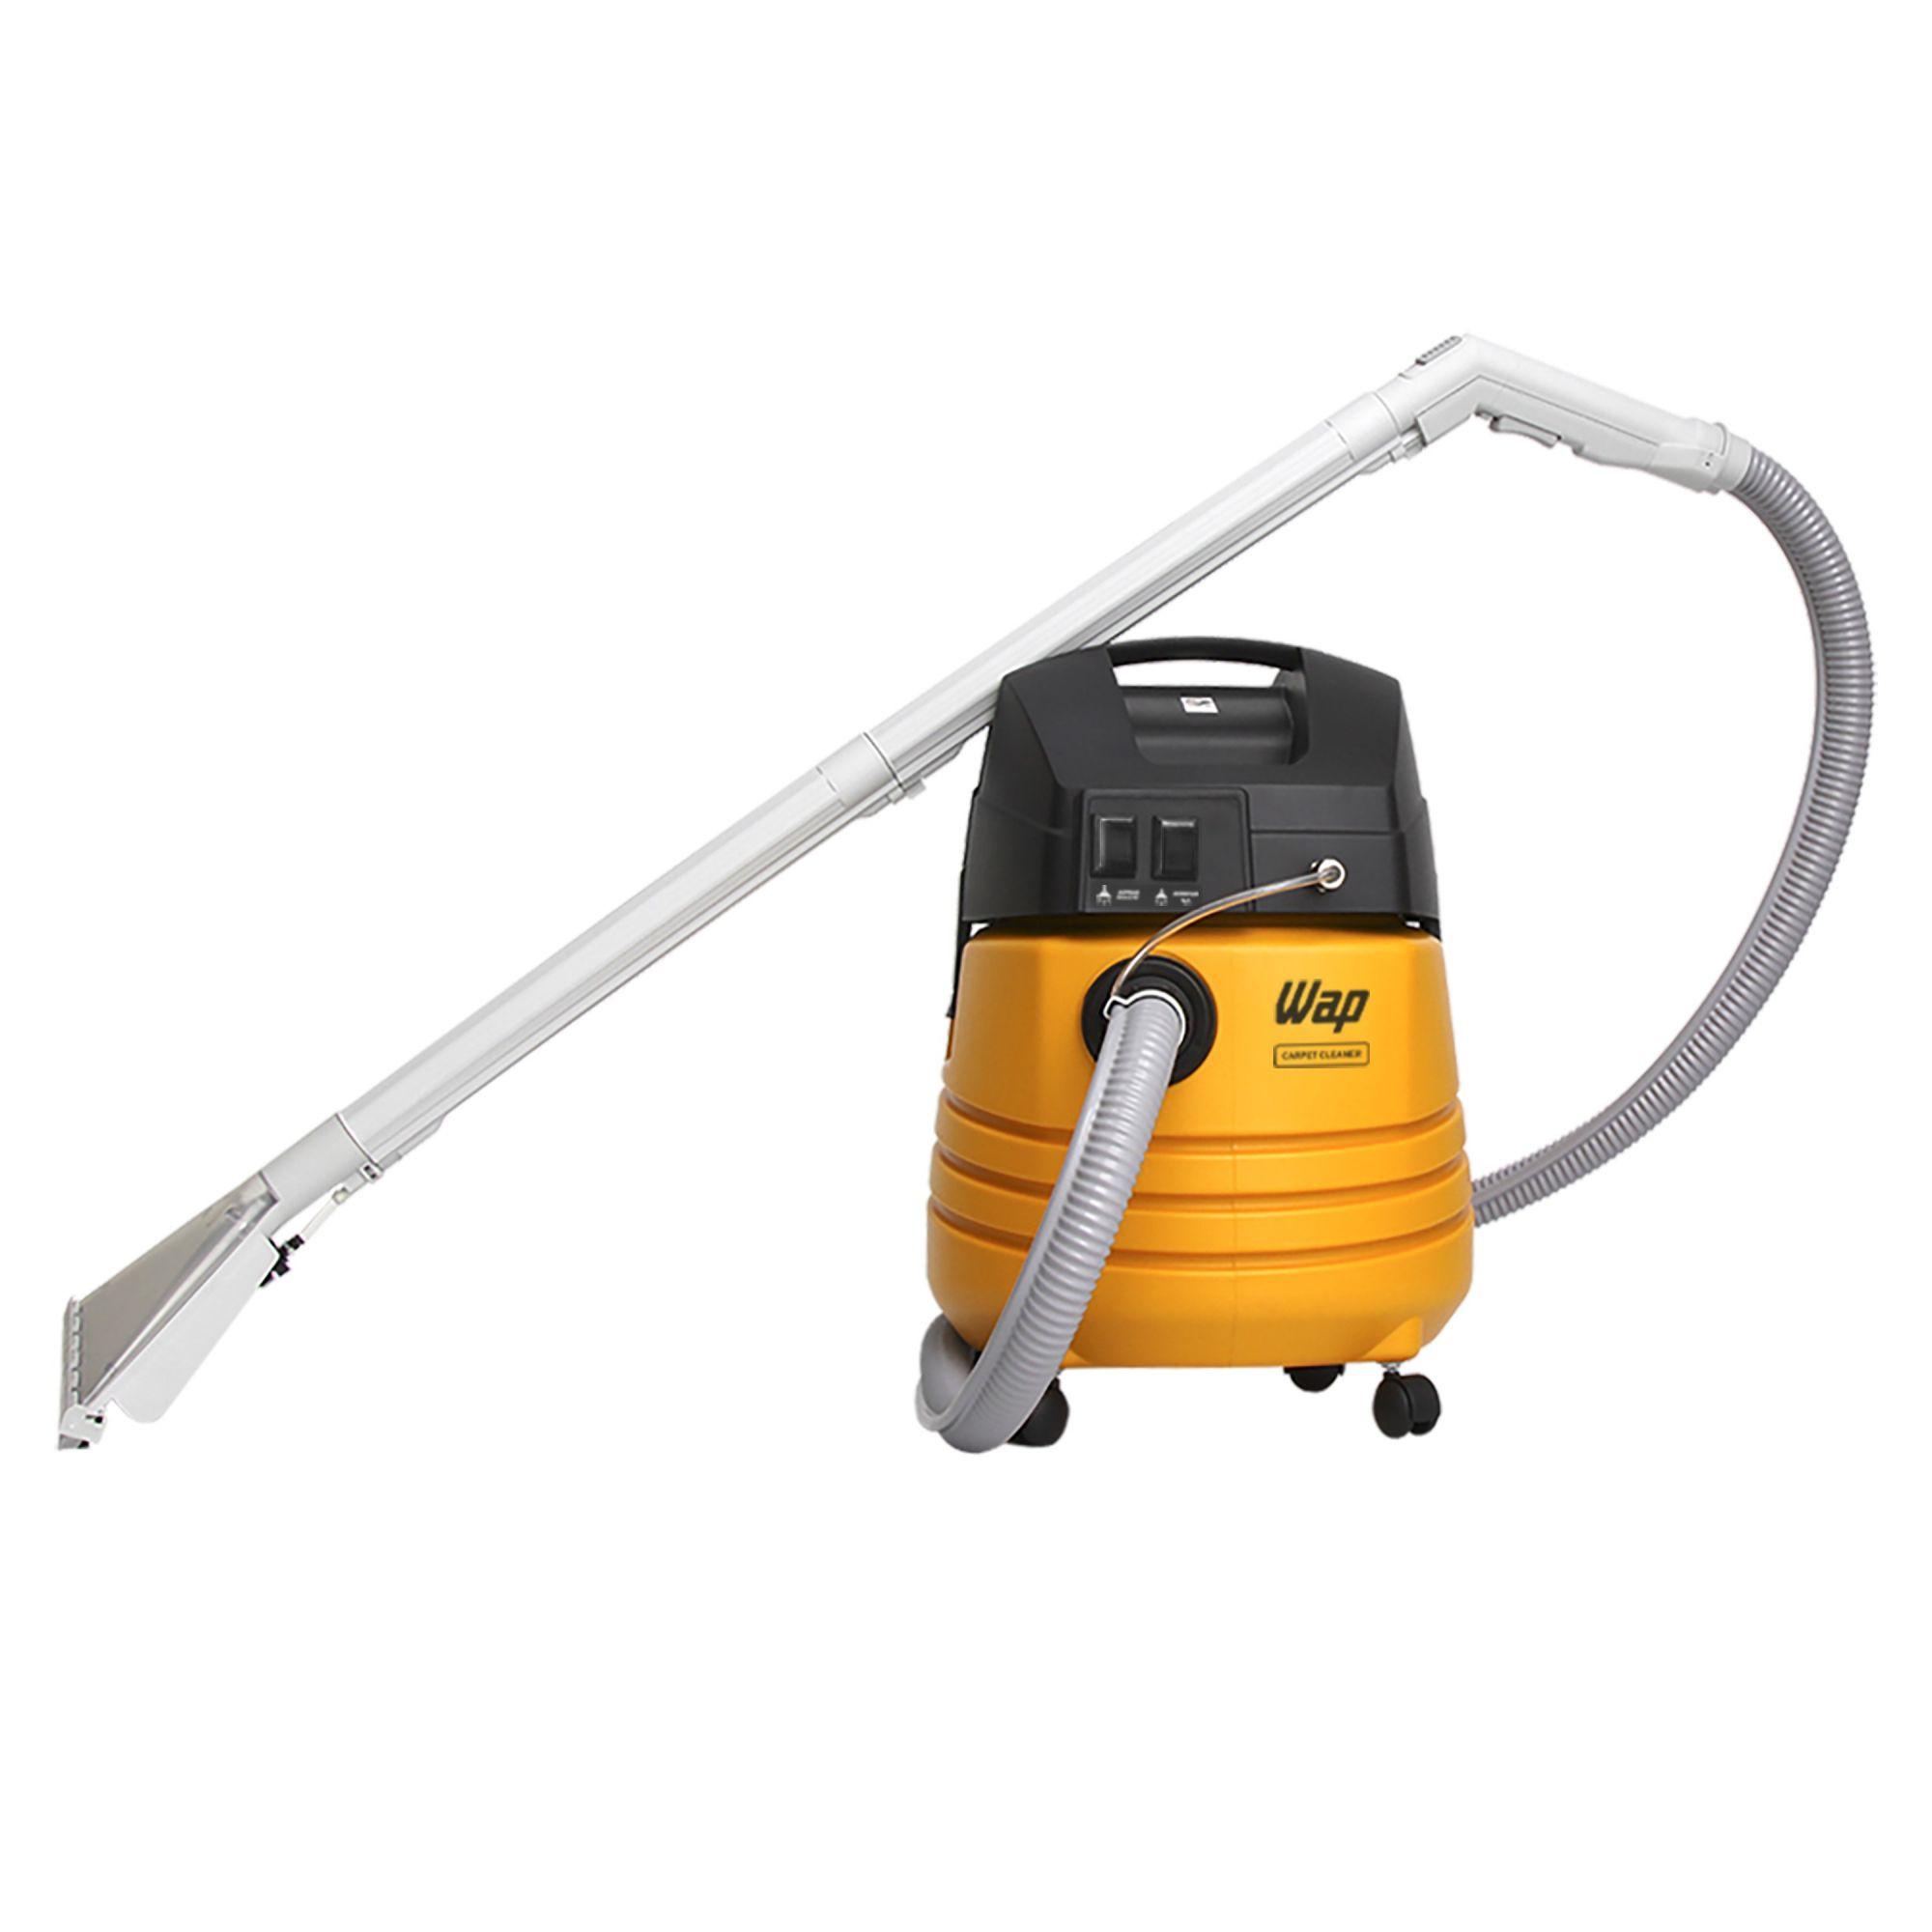 Aspirador Wap Extratora Carpet Cleaner 25 Litros 220V